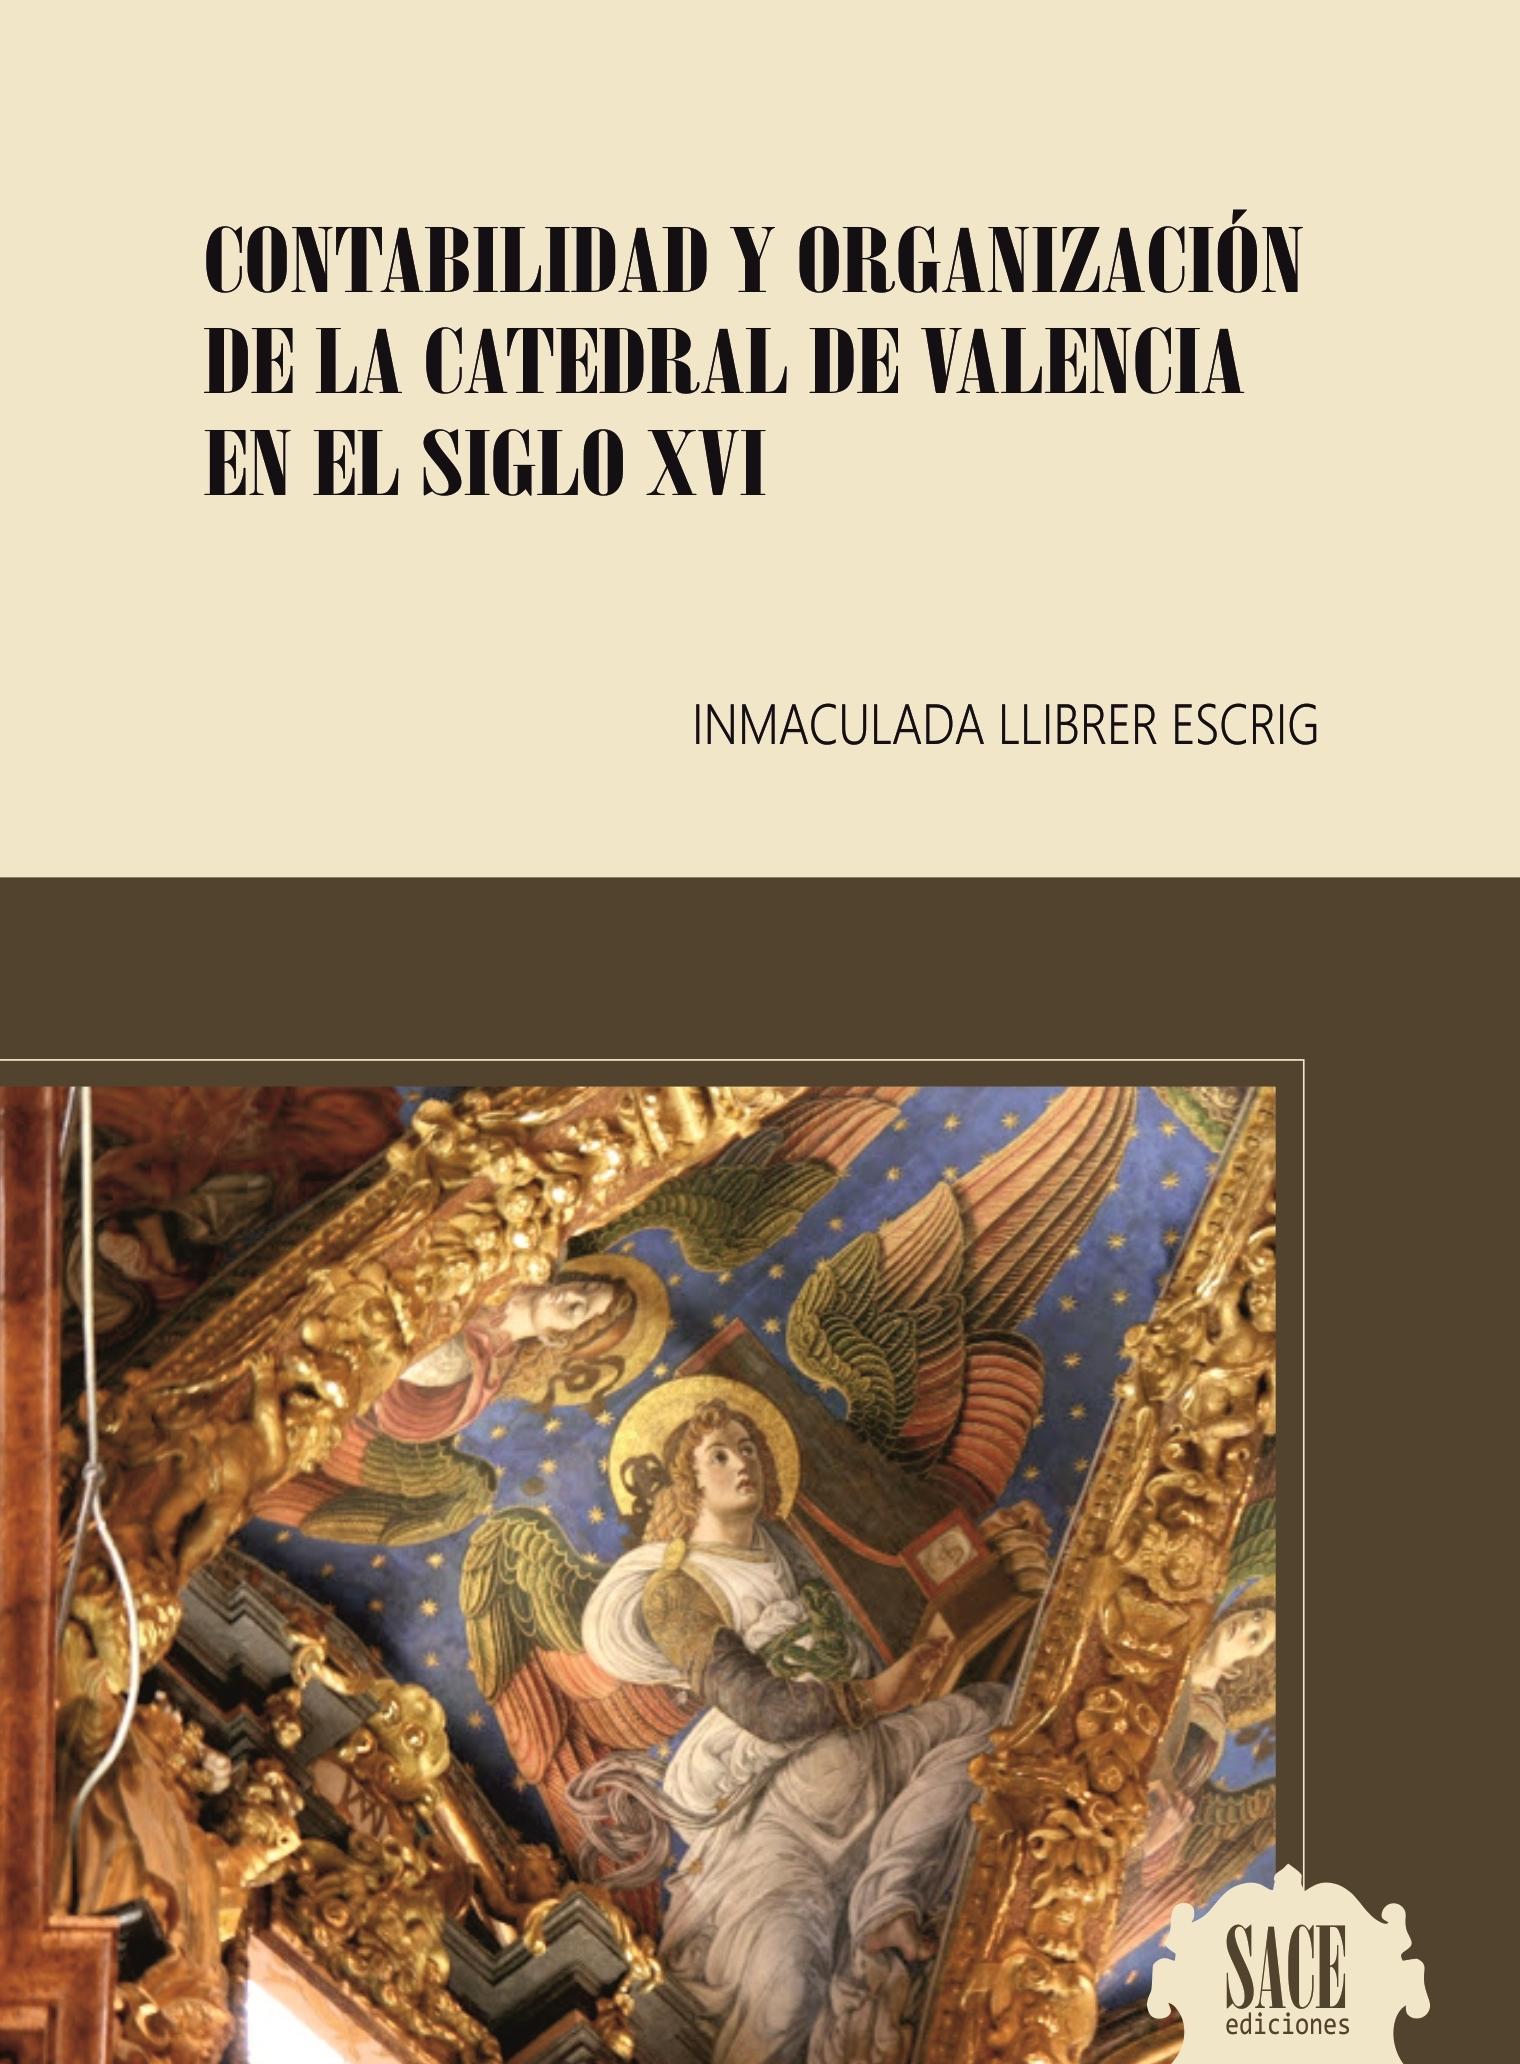 Contabilidad y organización de la Catedral de Valencia en el siglo XVI